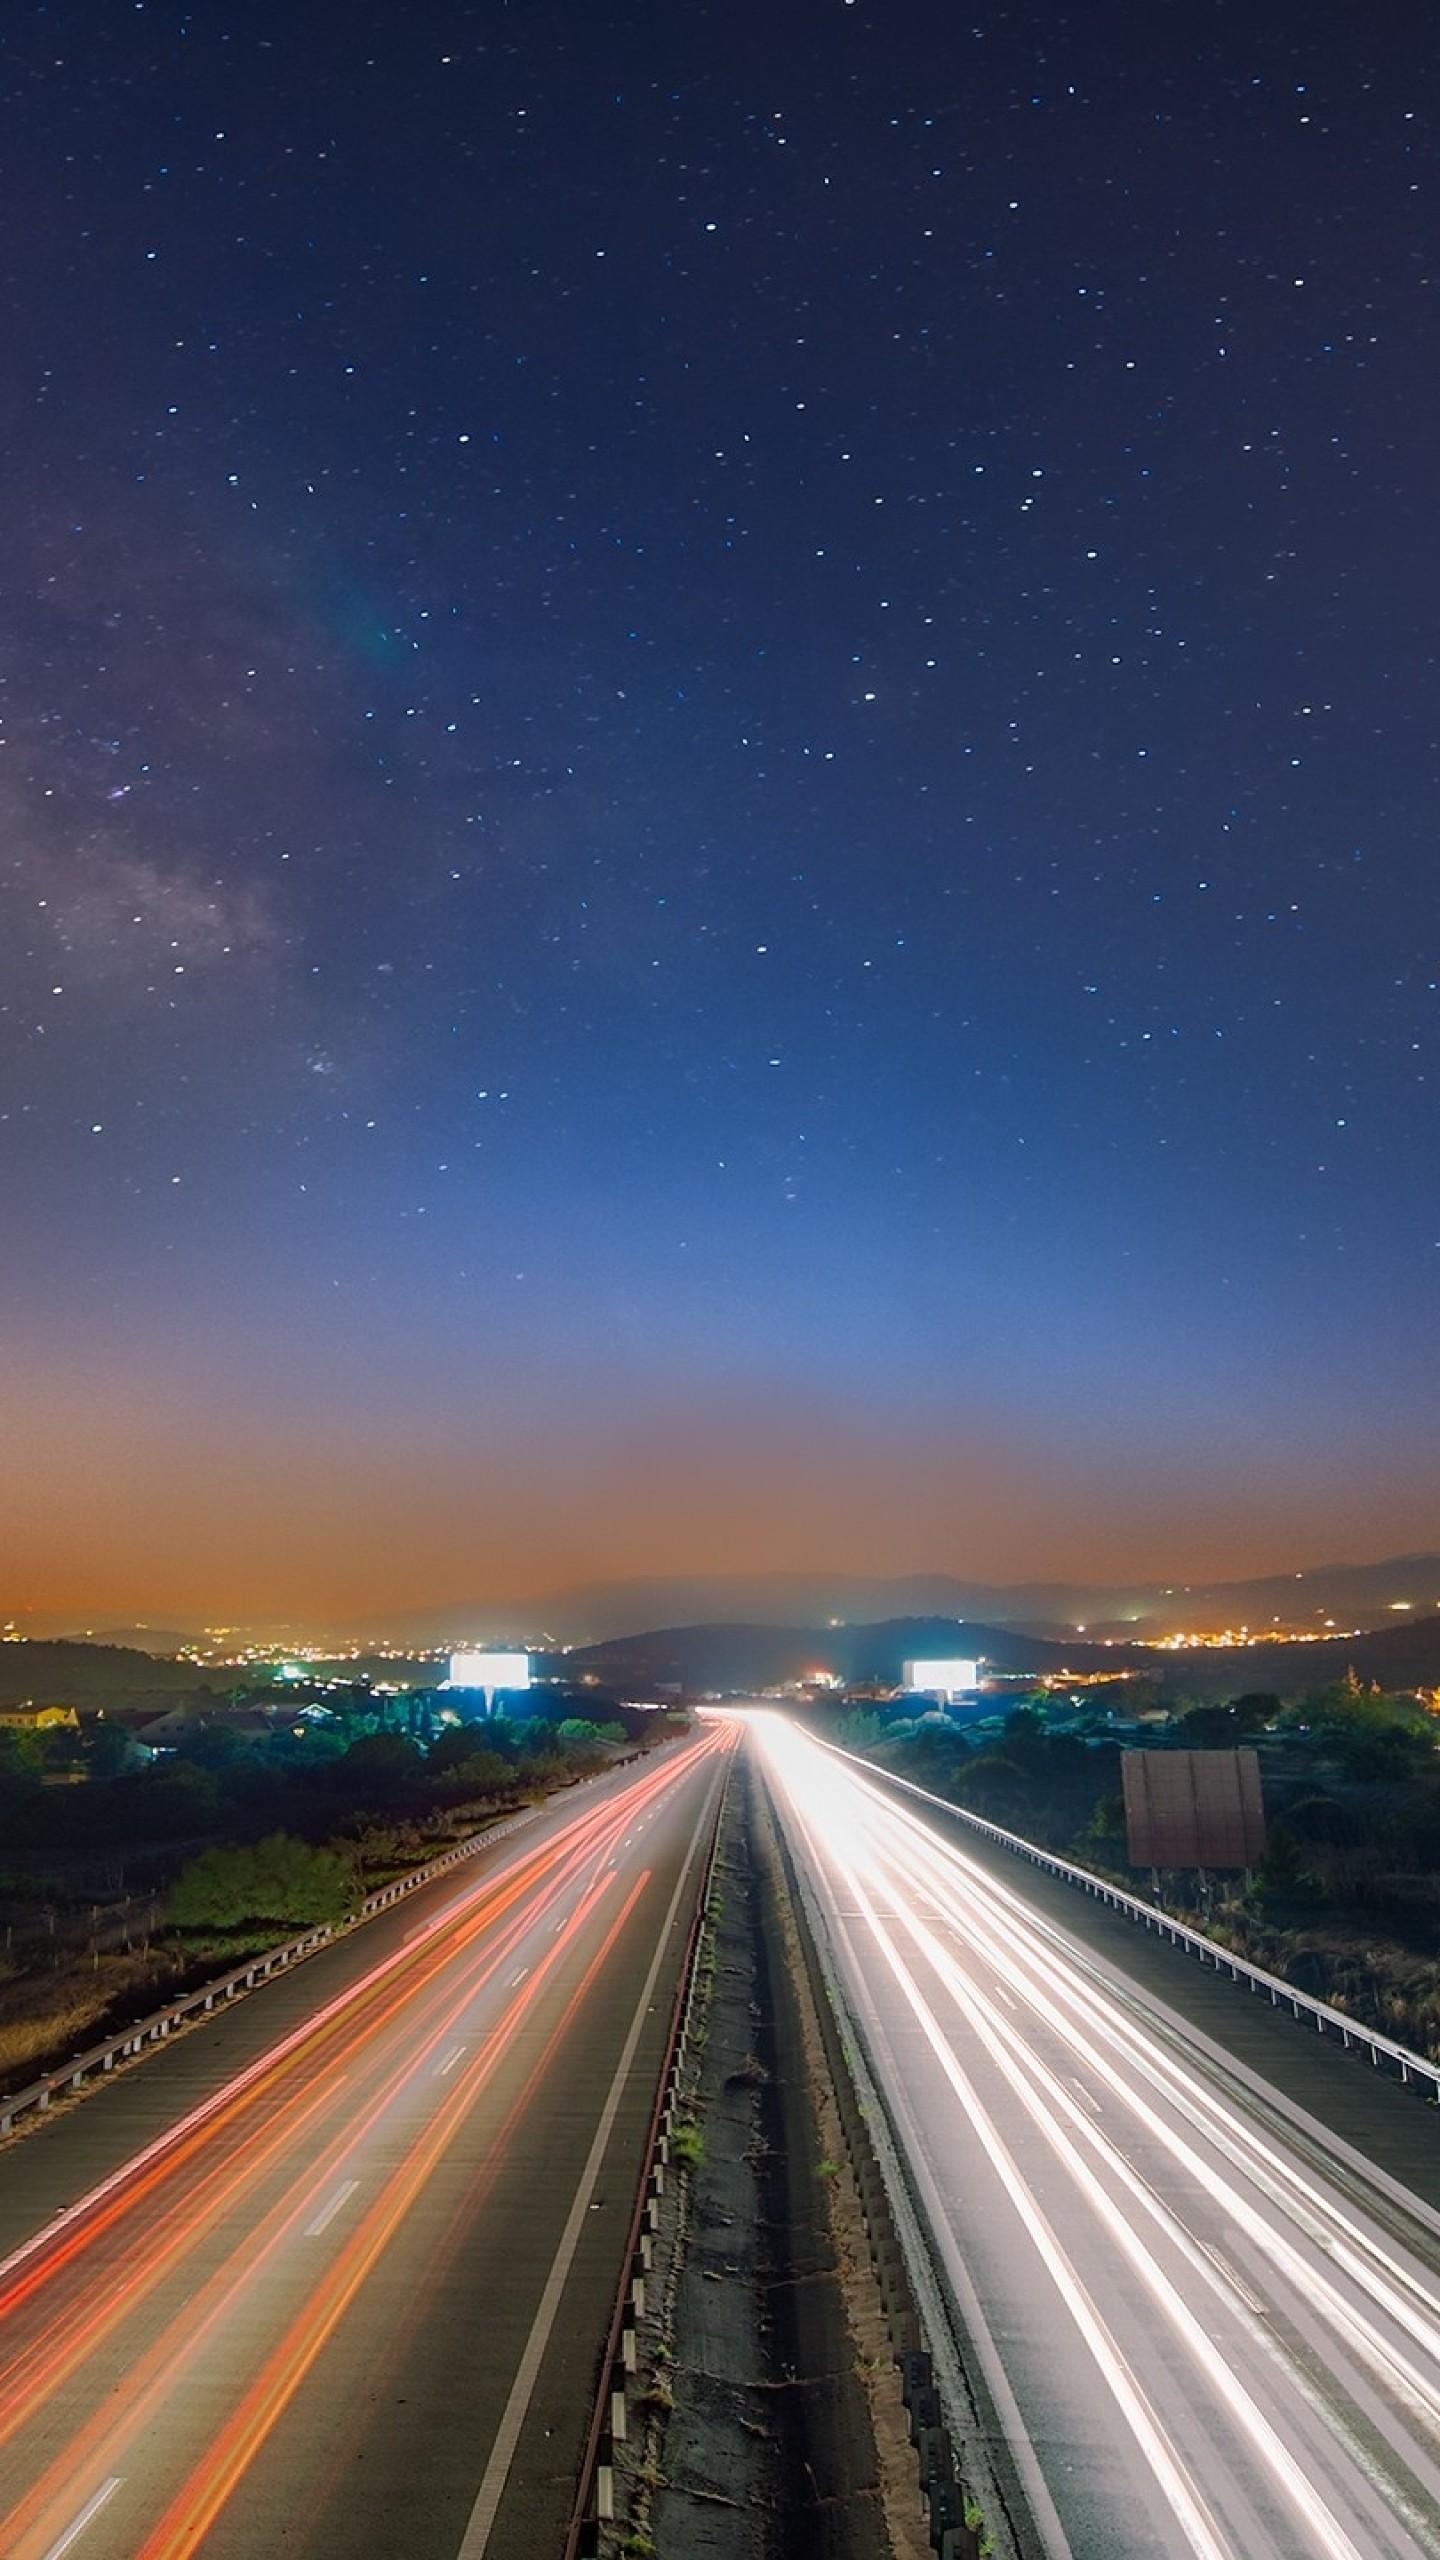 Starry Night Sky Desktop Wallpaper (74+ images)